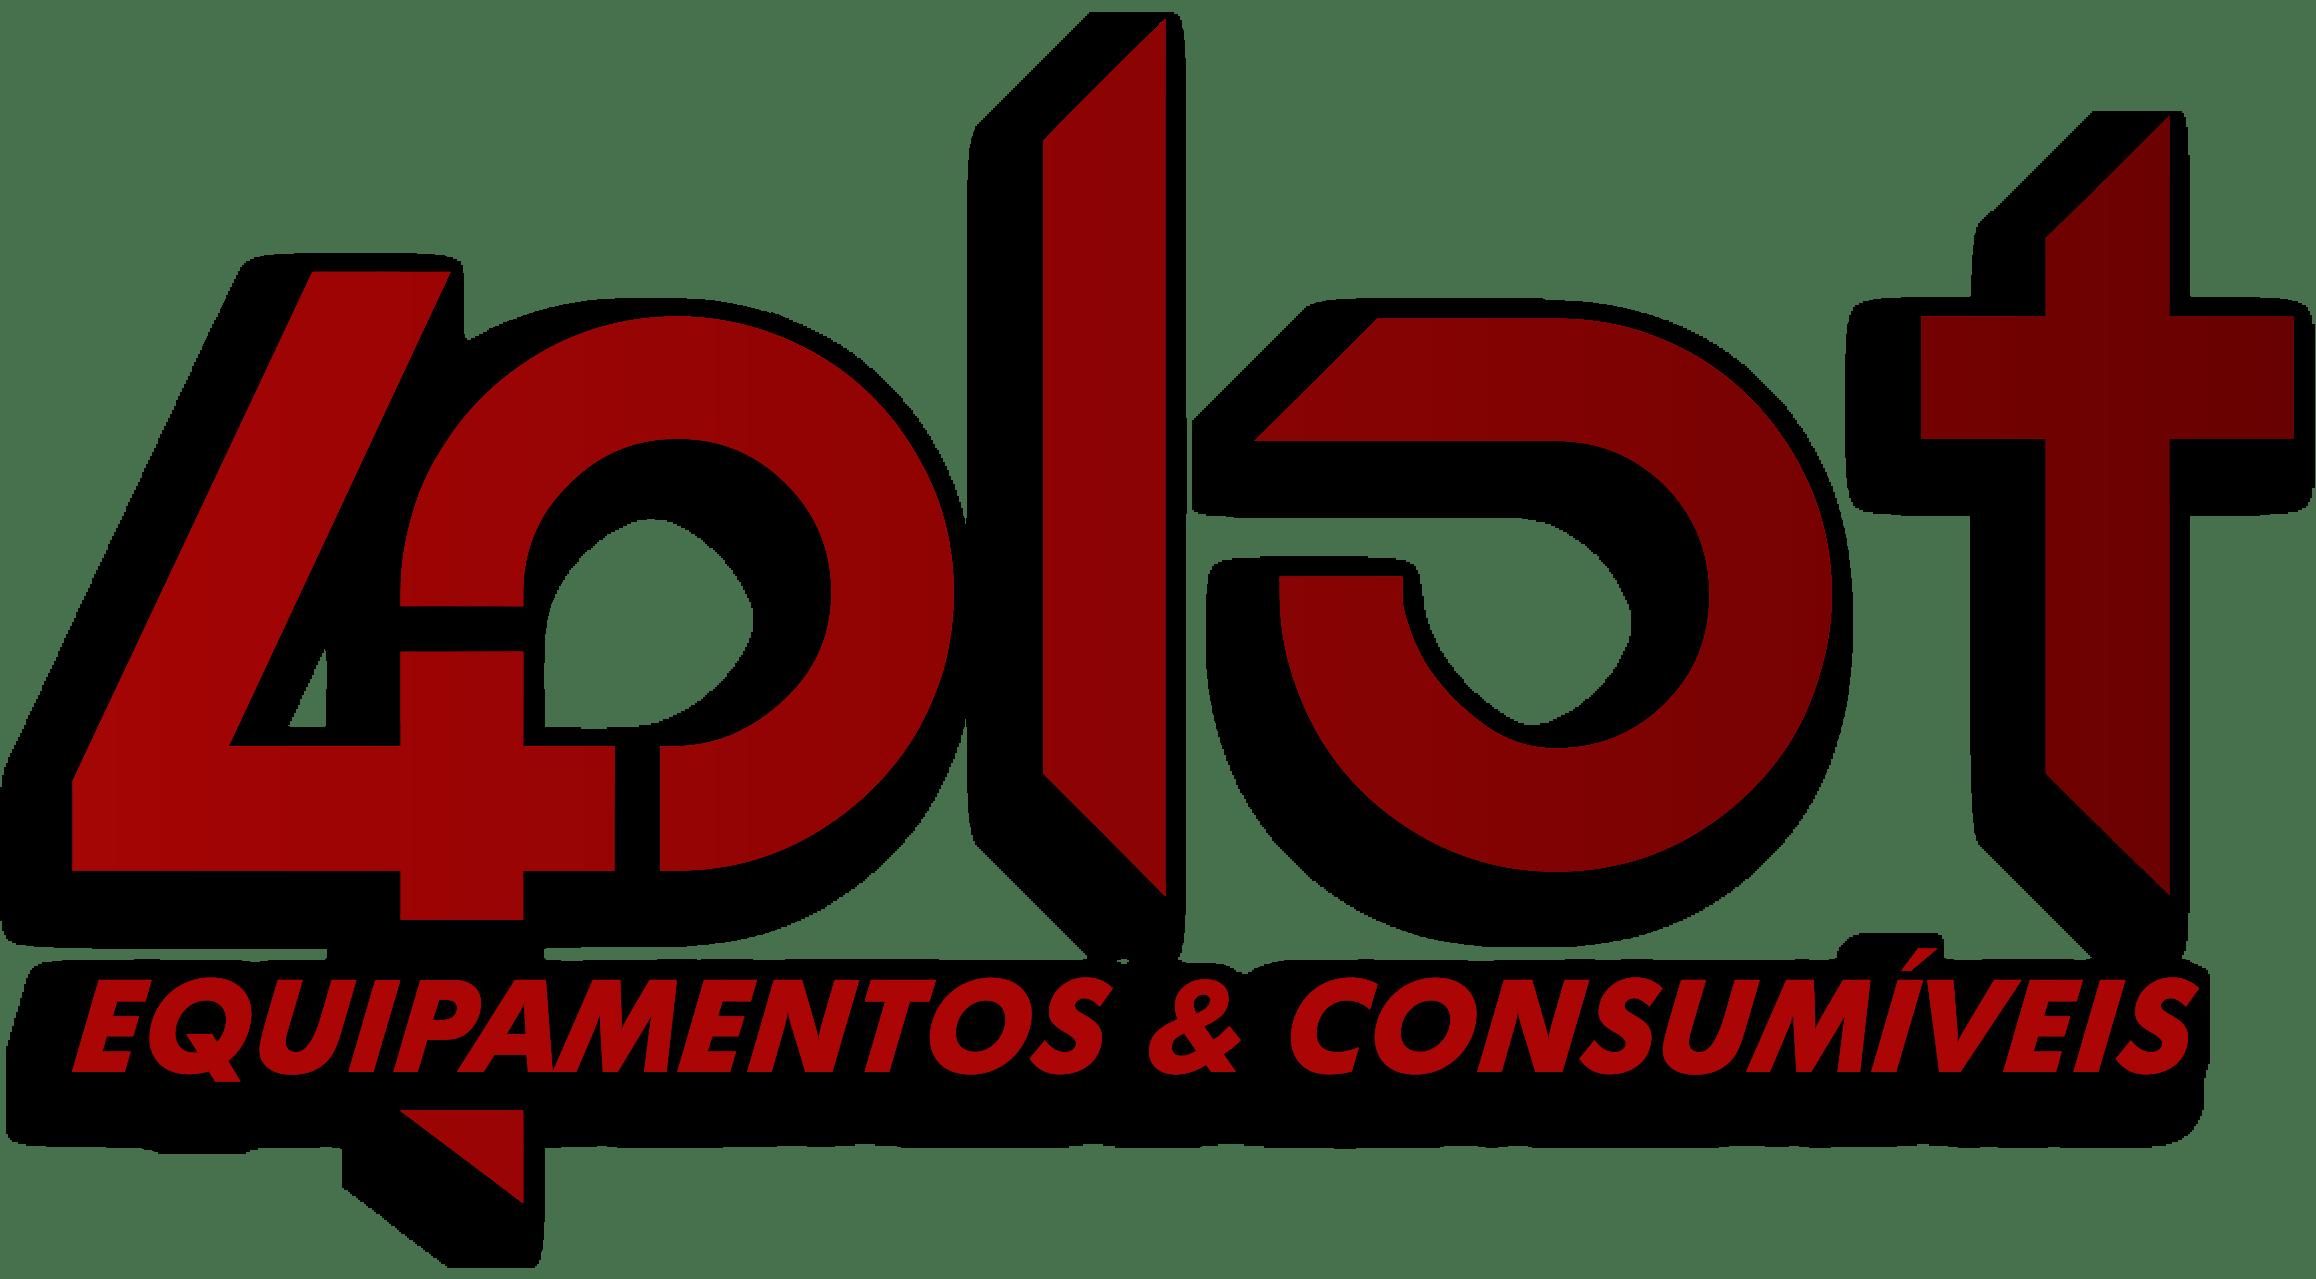 4PLOT – EQUIPAMENTOS E CONSUMÍVEIS